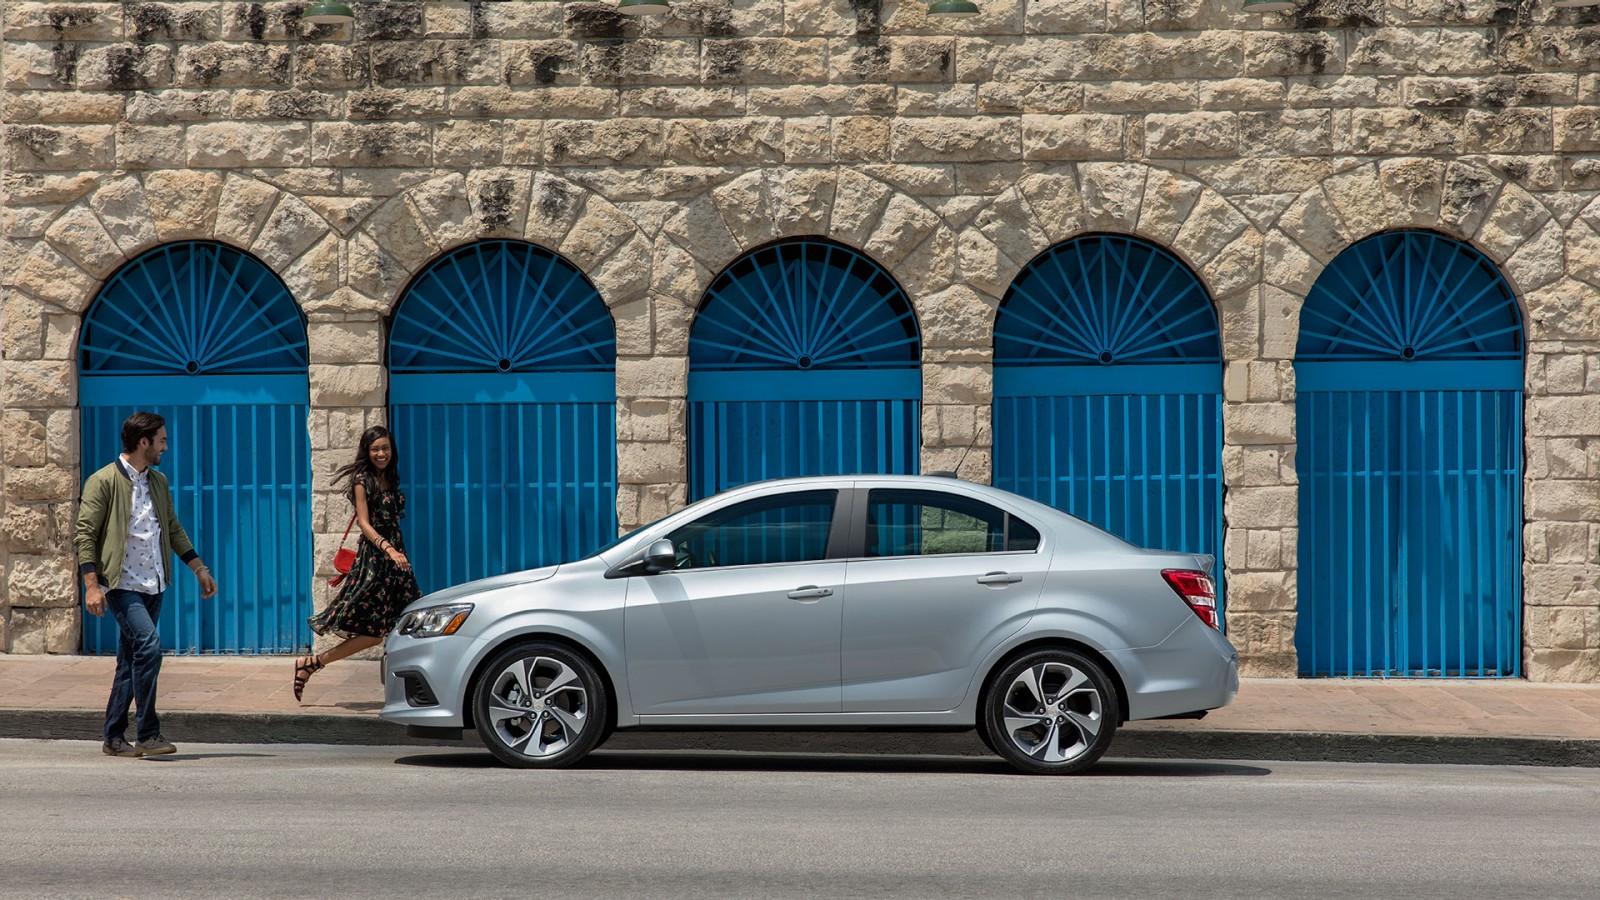 New Chevrolet Sonic Exterior image 1